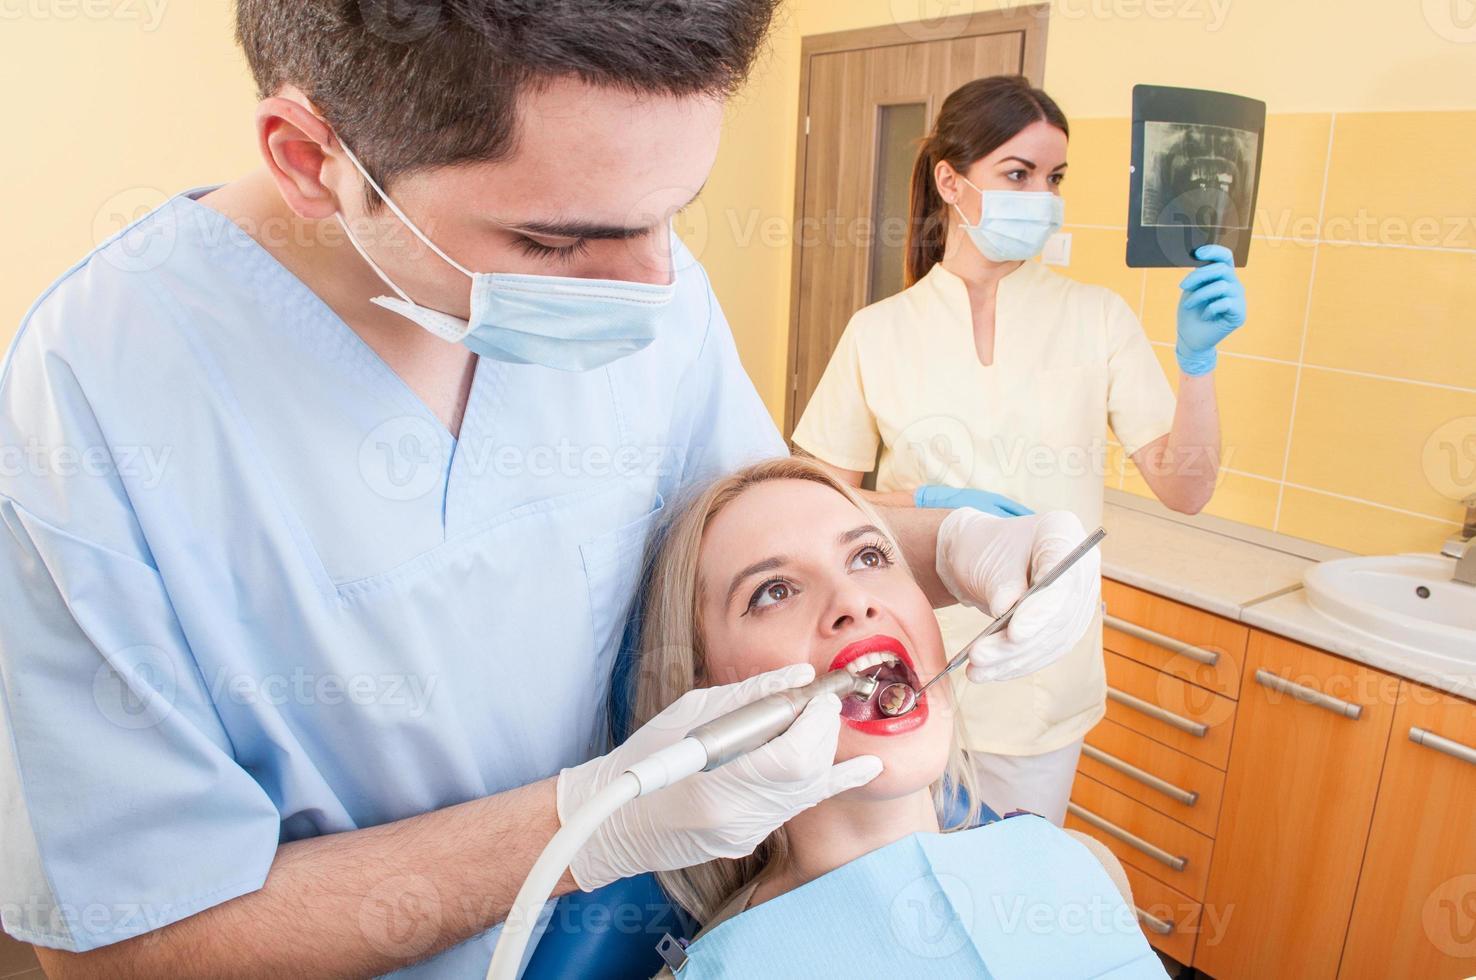 schöne Frau Patientin in Zahnarztpraxis oder Kabinett foto